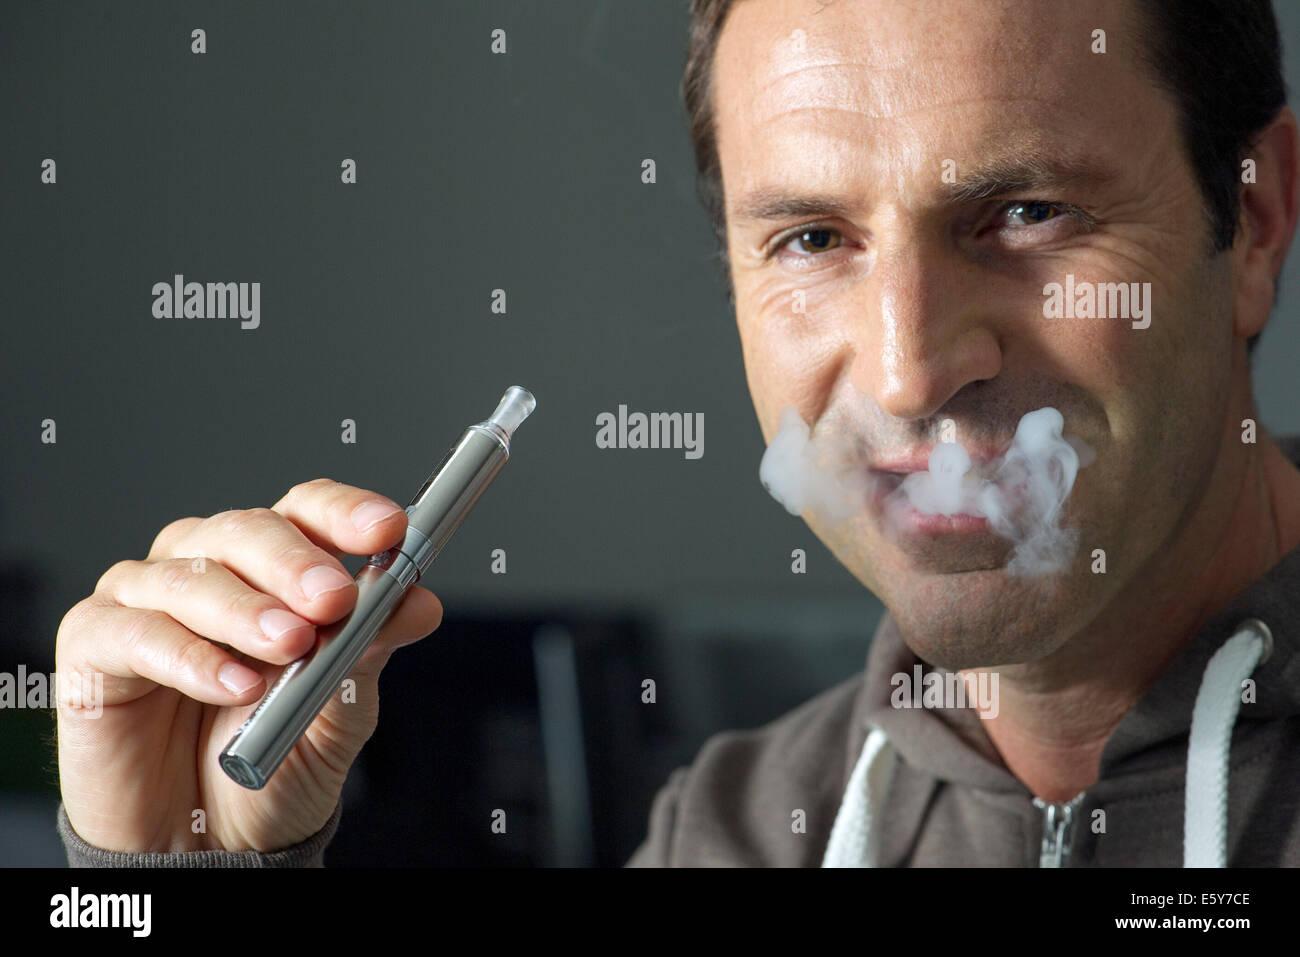 Man smoking electonic cigarette, exhaling smoke - Stock Image